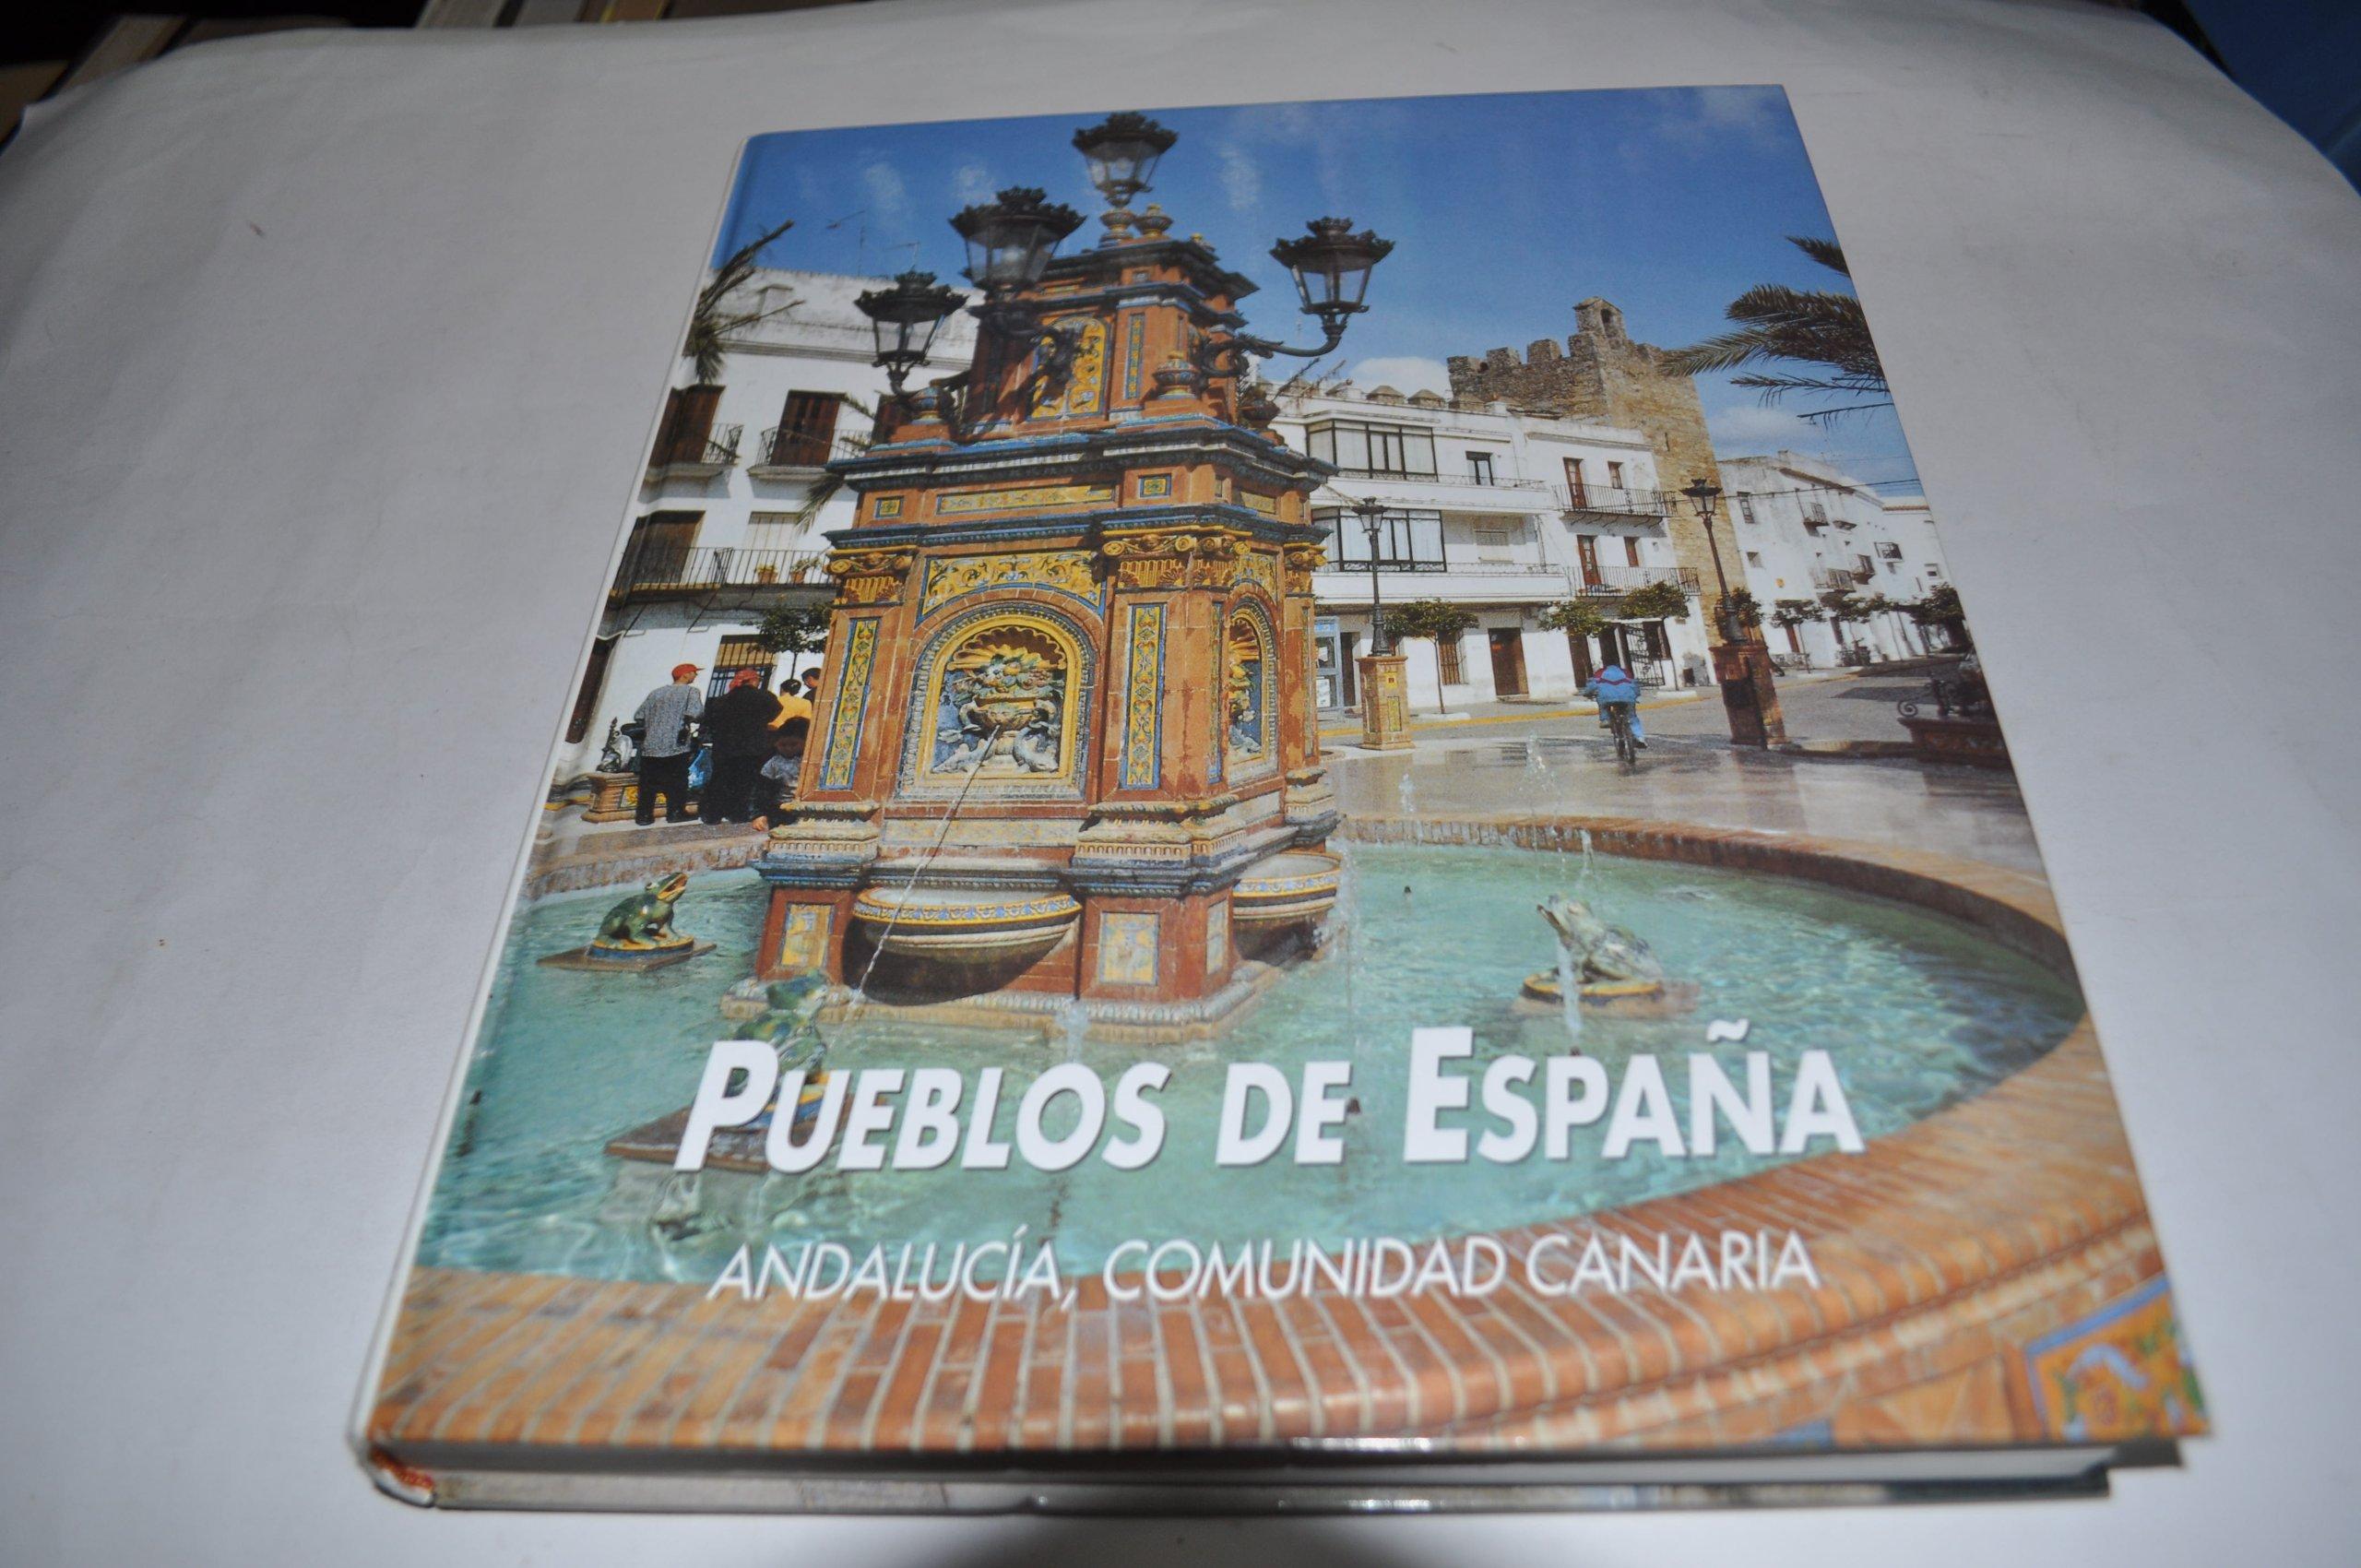 Pueblos de España: Andalucía y comunidad canaria: Vol.VI: Amazon ...